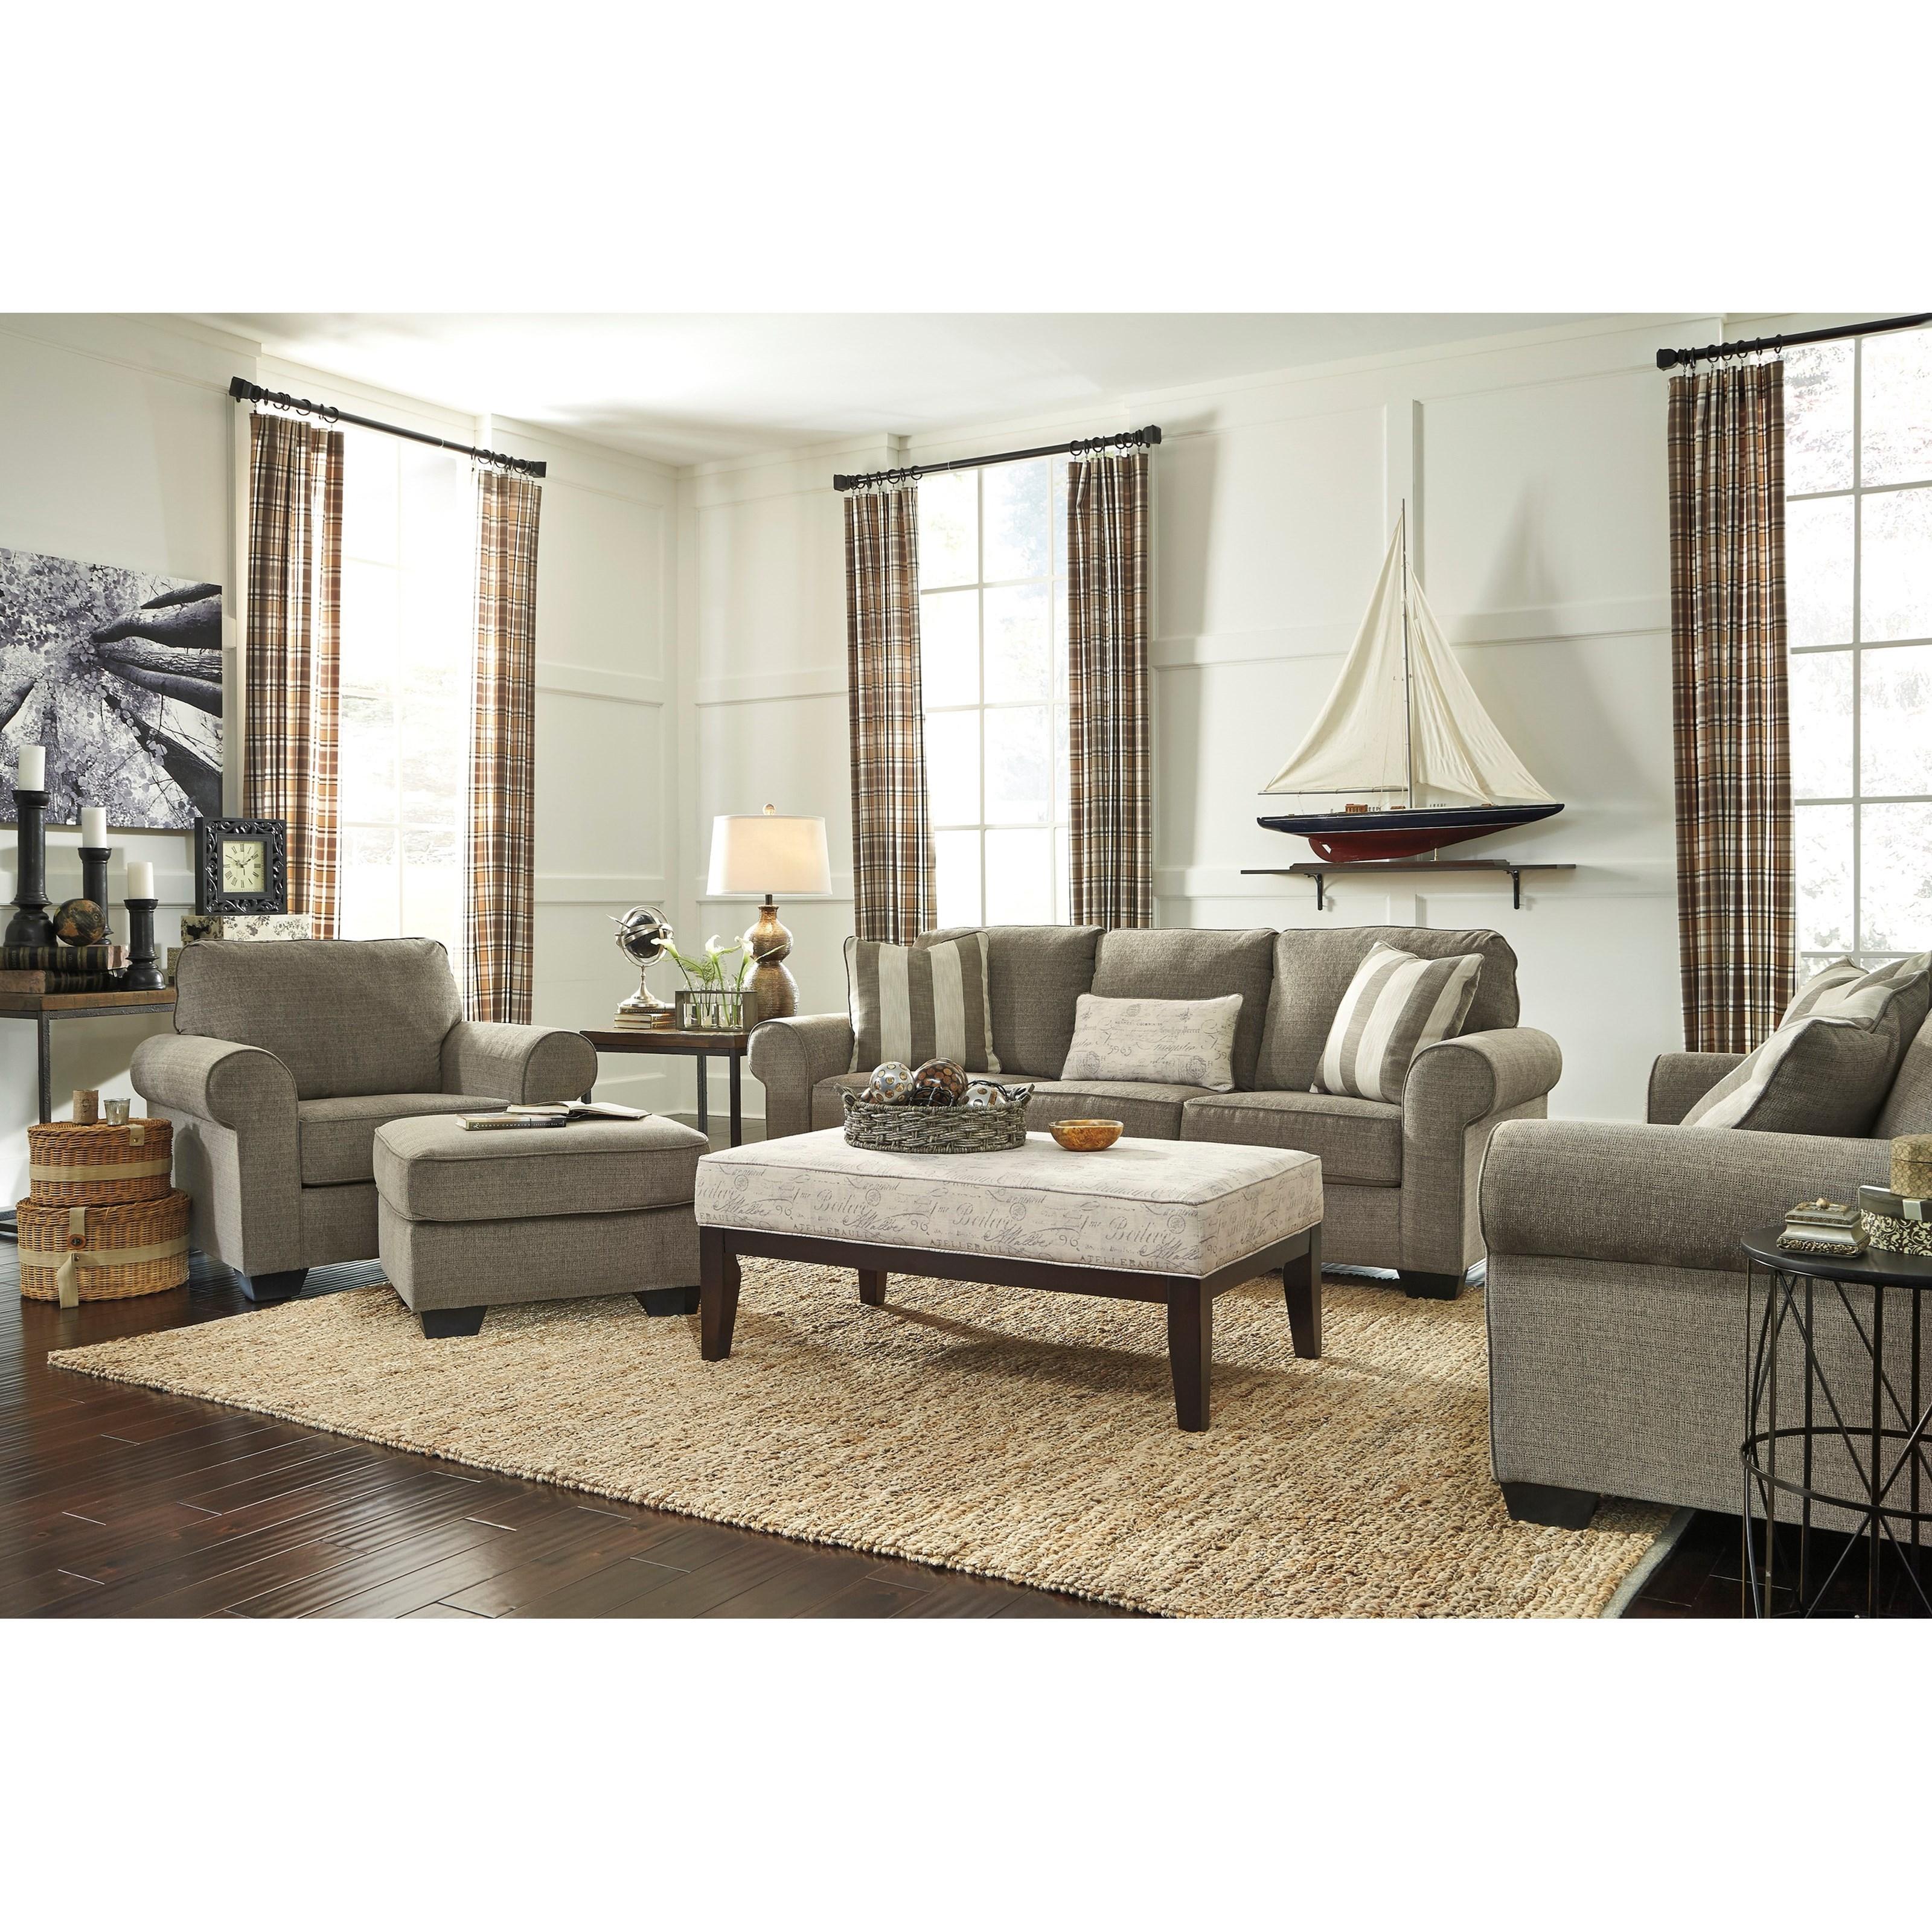 Ashley Signature Design Baveria Stationary Living Room Group Dunk Bri